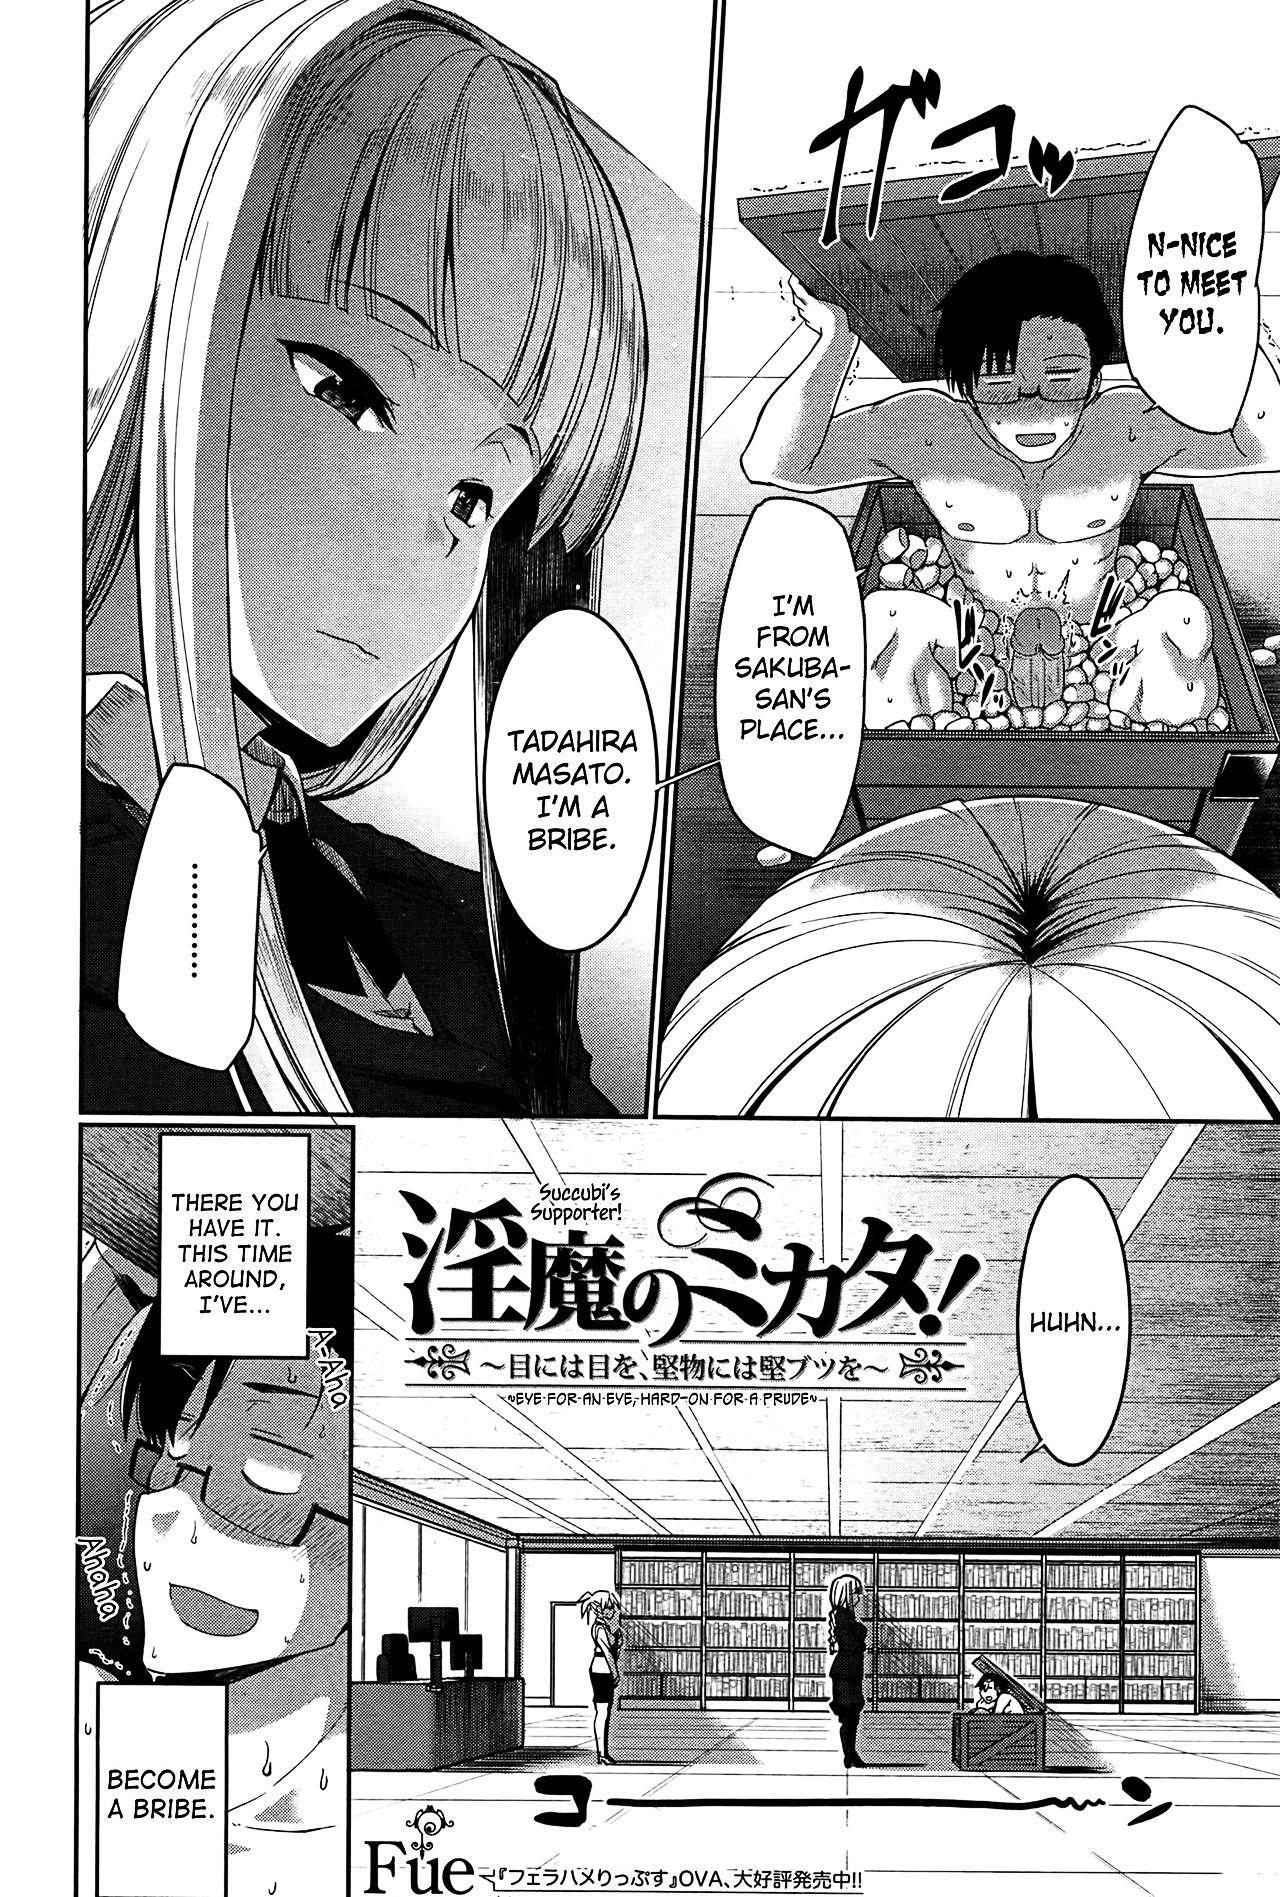 Inma no Mikata!   Succubi's Supporter! 125